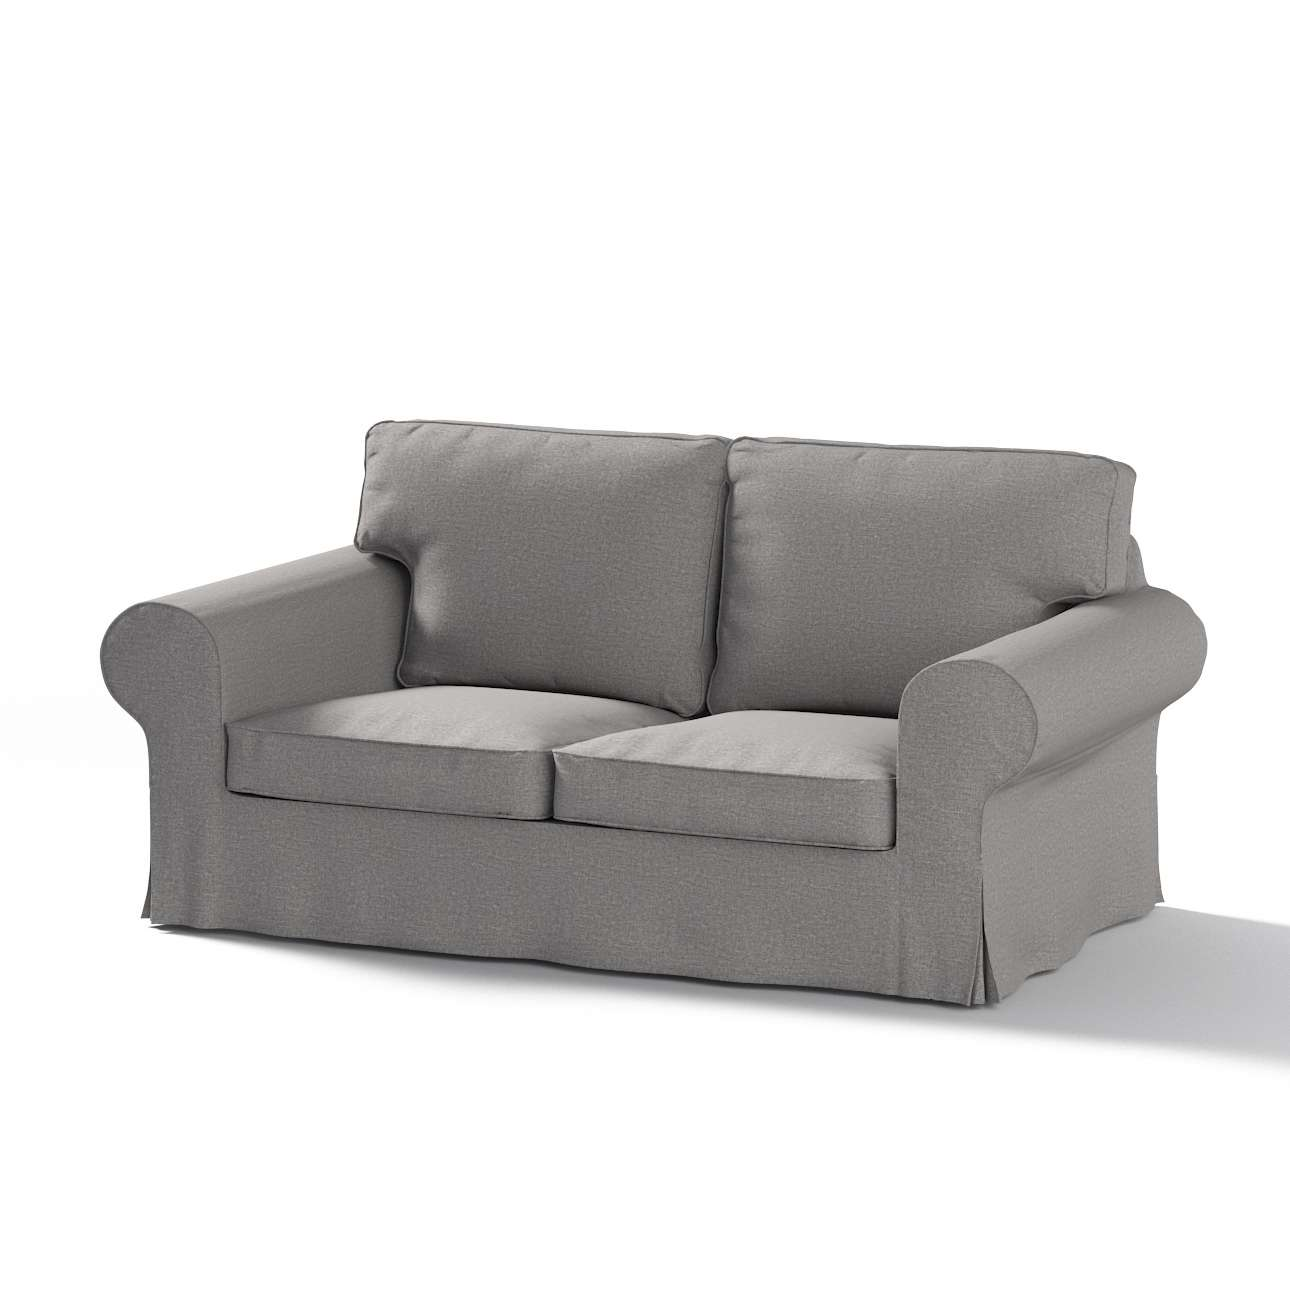 Pokrowiec na sofę Ektorp 2-osobową rozkładaną, model po 2012 w kolekcji Edinburgh, tkanina: 115-81